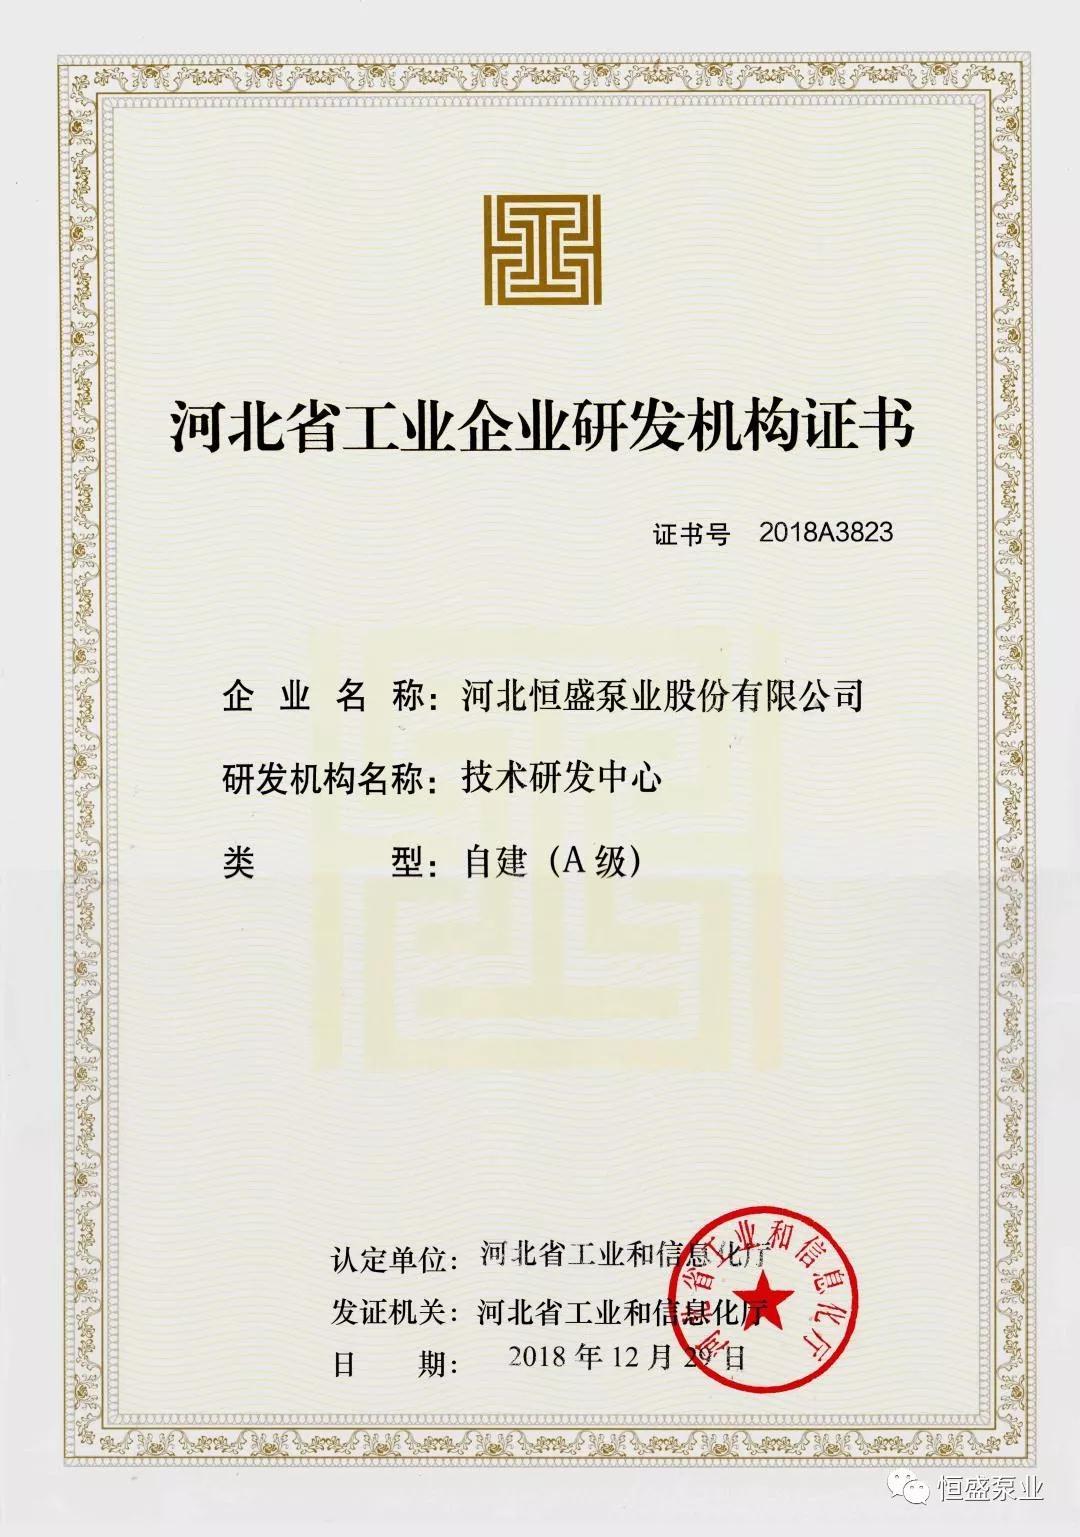 恒盛泵业获河北省工业企业研发机构(A级)证书